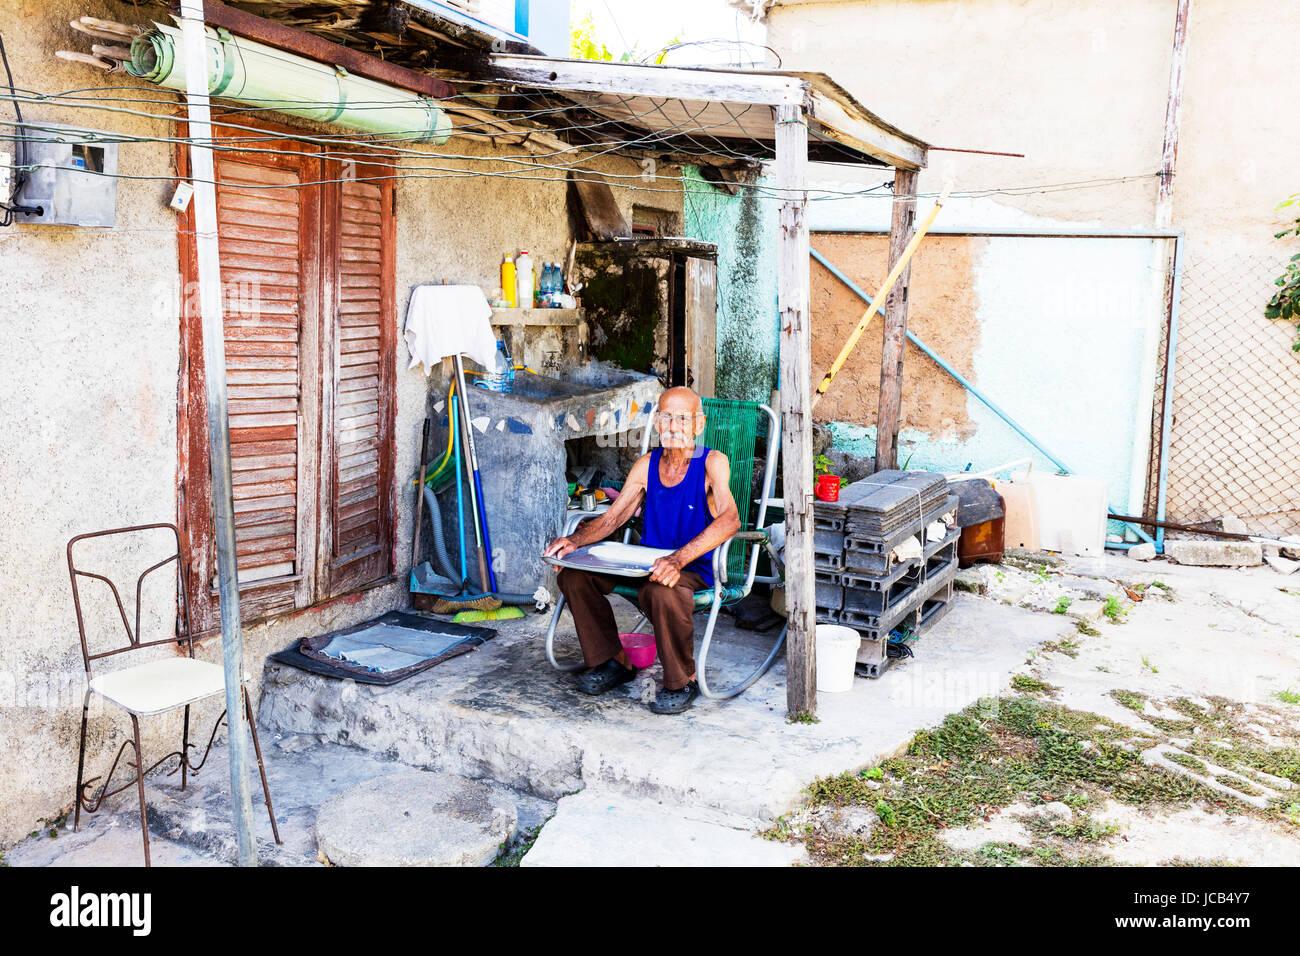 Il vecchio uomo cubano con vassoio di riso sul giro, ordinamento di riso, conteggio di granelli di riso, giardino Immagini Stock